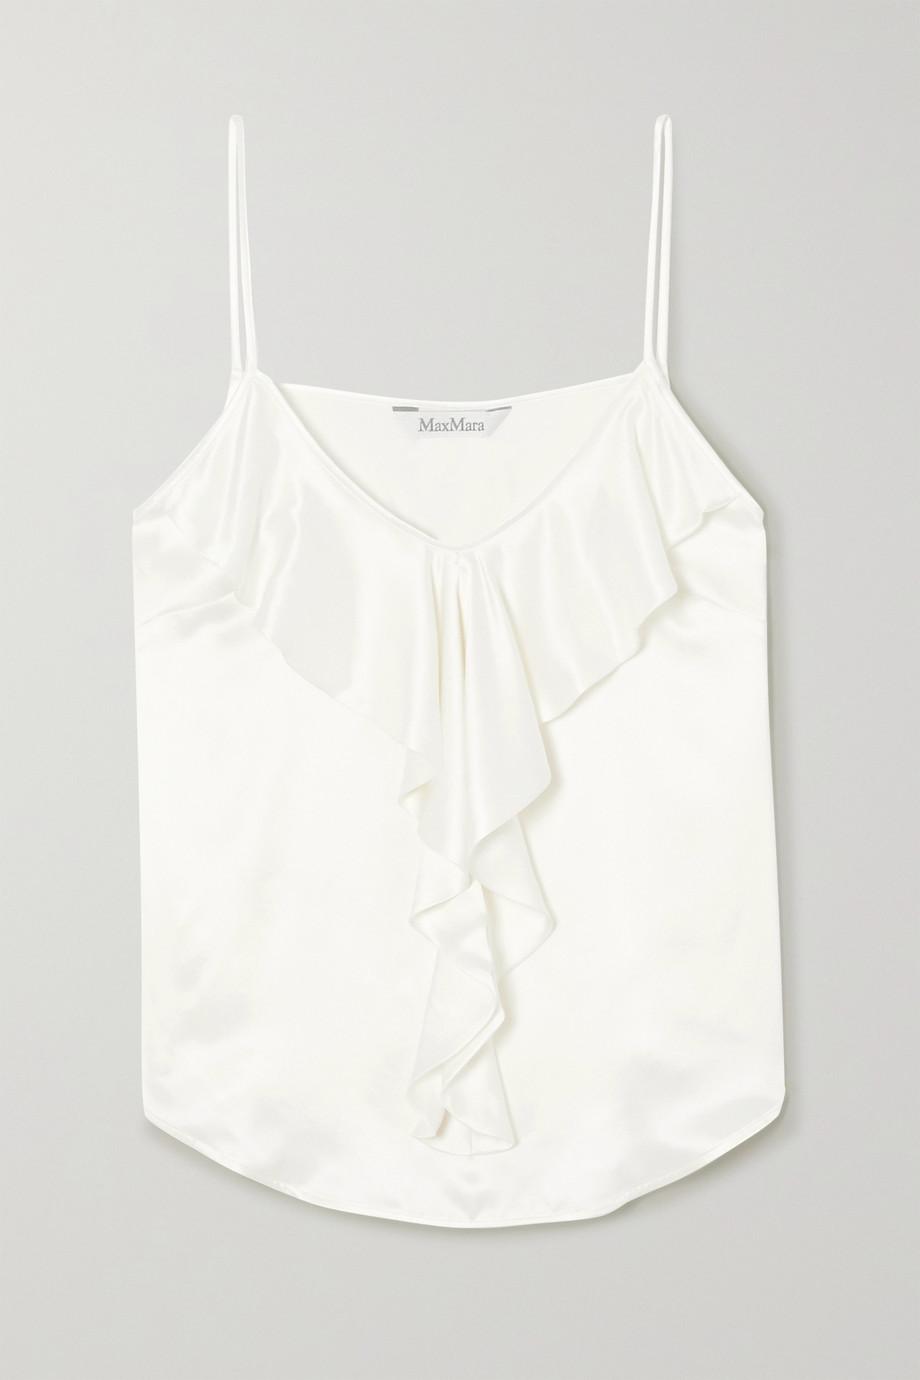 막스마라 Max Mara Ruffled silk camisole,White